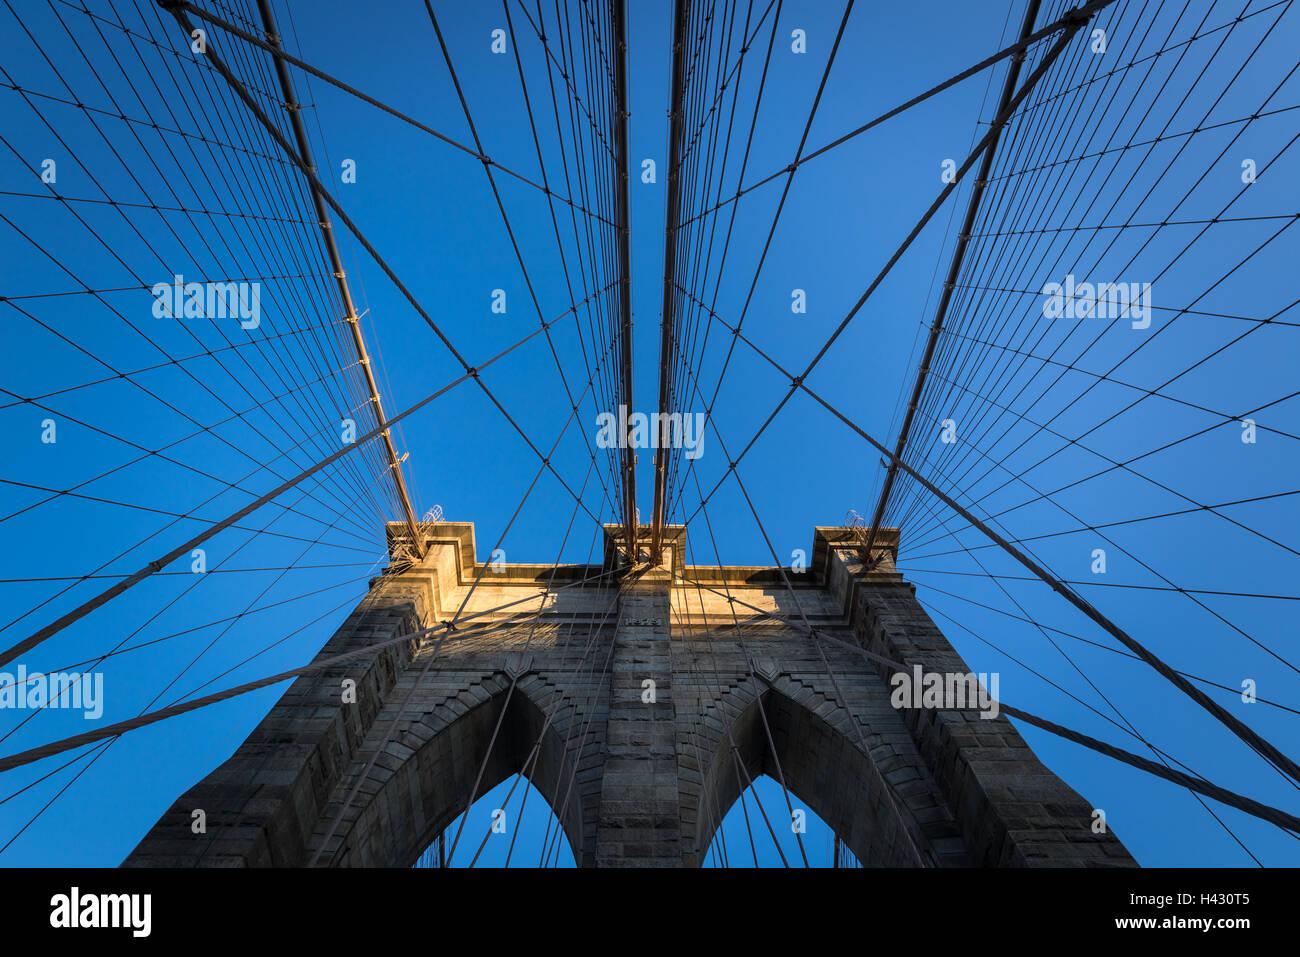 Symétrie des câbles d'acier du pont de Brooklyn, avec un ciel bleu clair et les derniers rayons de Photo Stock